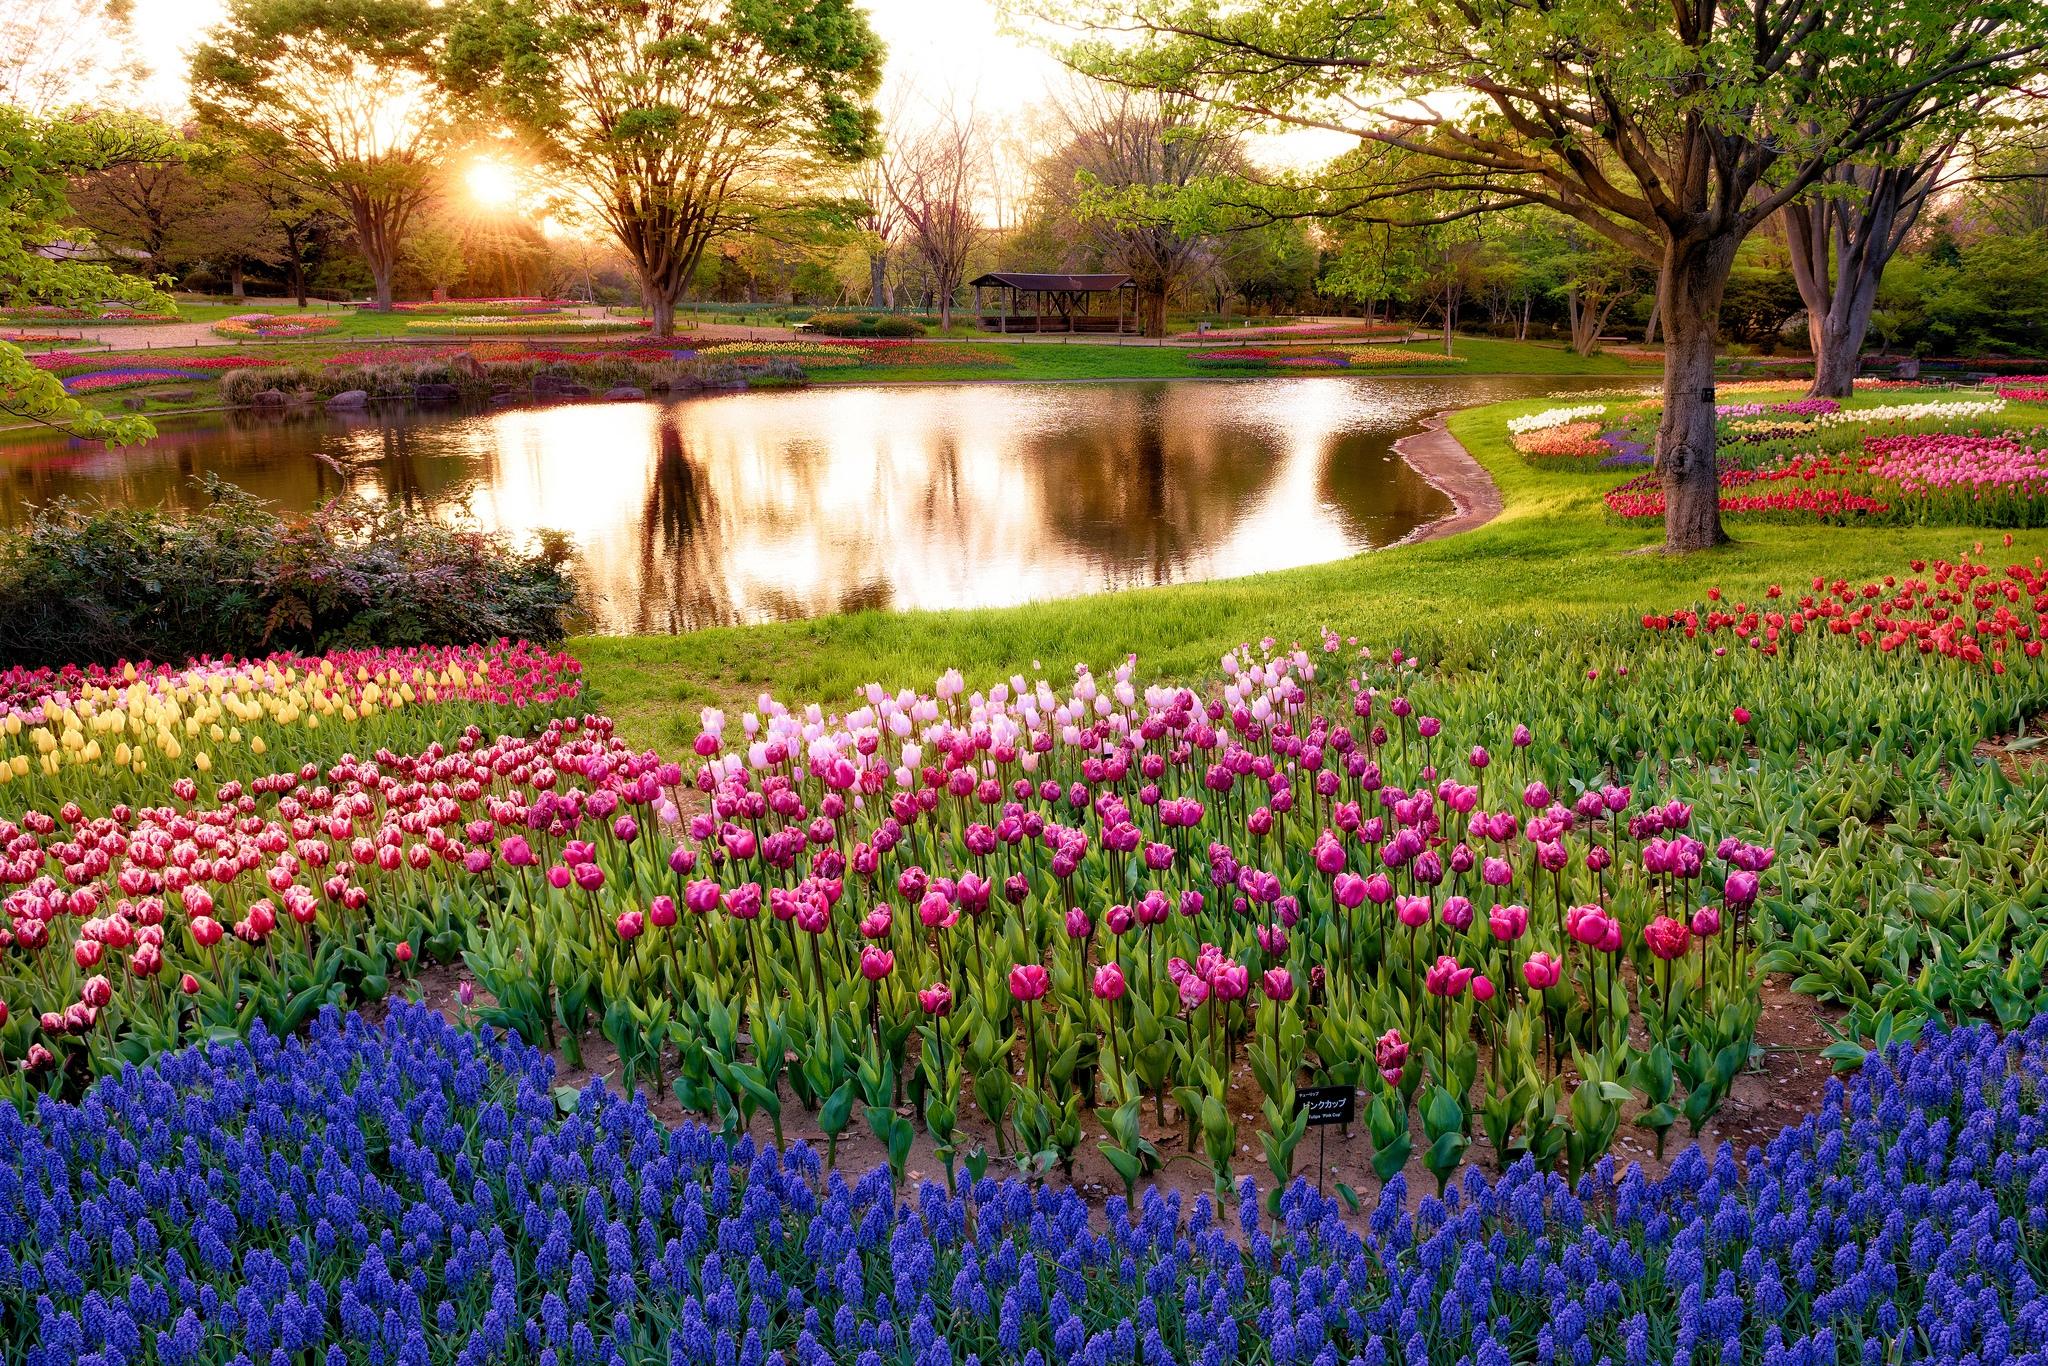 115519 Hintergrundbild herunterladen Natur, Blumen, Bäume, Sun, Tulpen, Balken, Strahlen, Mehrfarbig, Der Park, Park, Sonnenaufgang, Steigen, Morgen, Bunten, Japan, Teich, Tokio, Tokyo, Muscari, Muskari - Bildschirmschoner und Bilder kostenlos